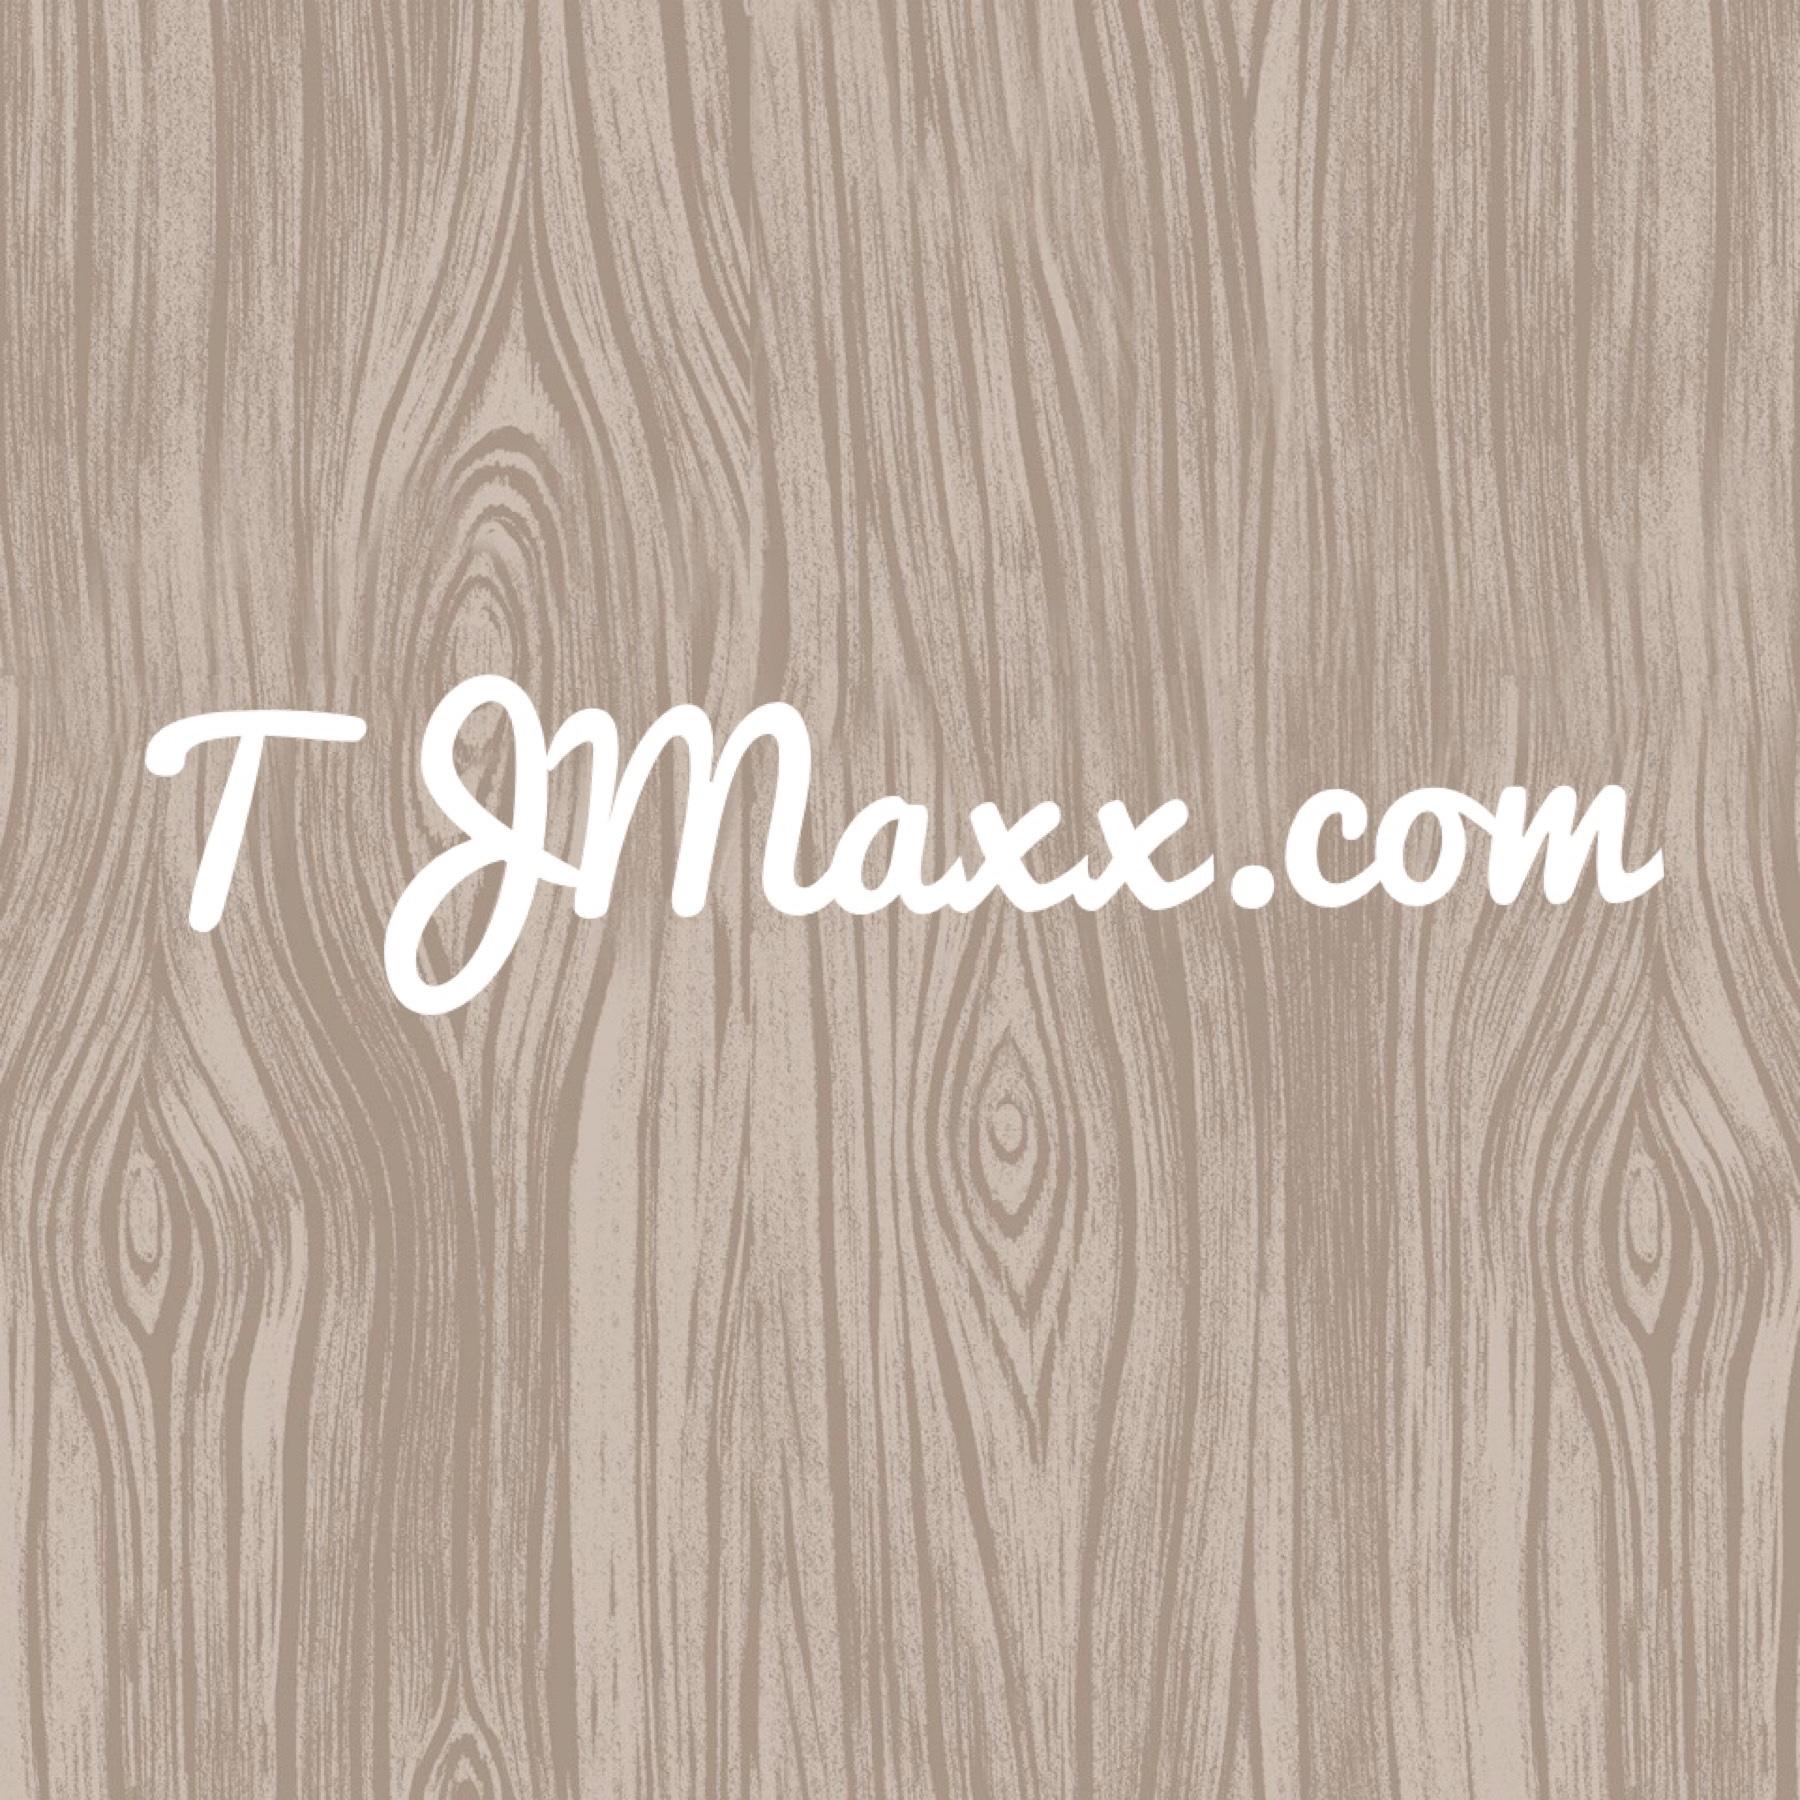 Tjmaxx wood.jpg